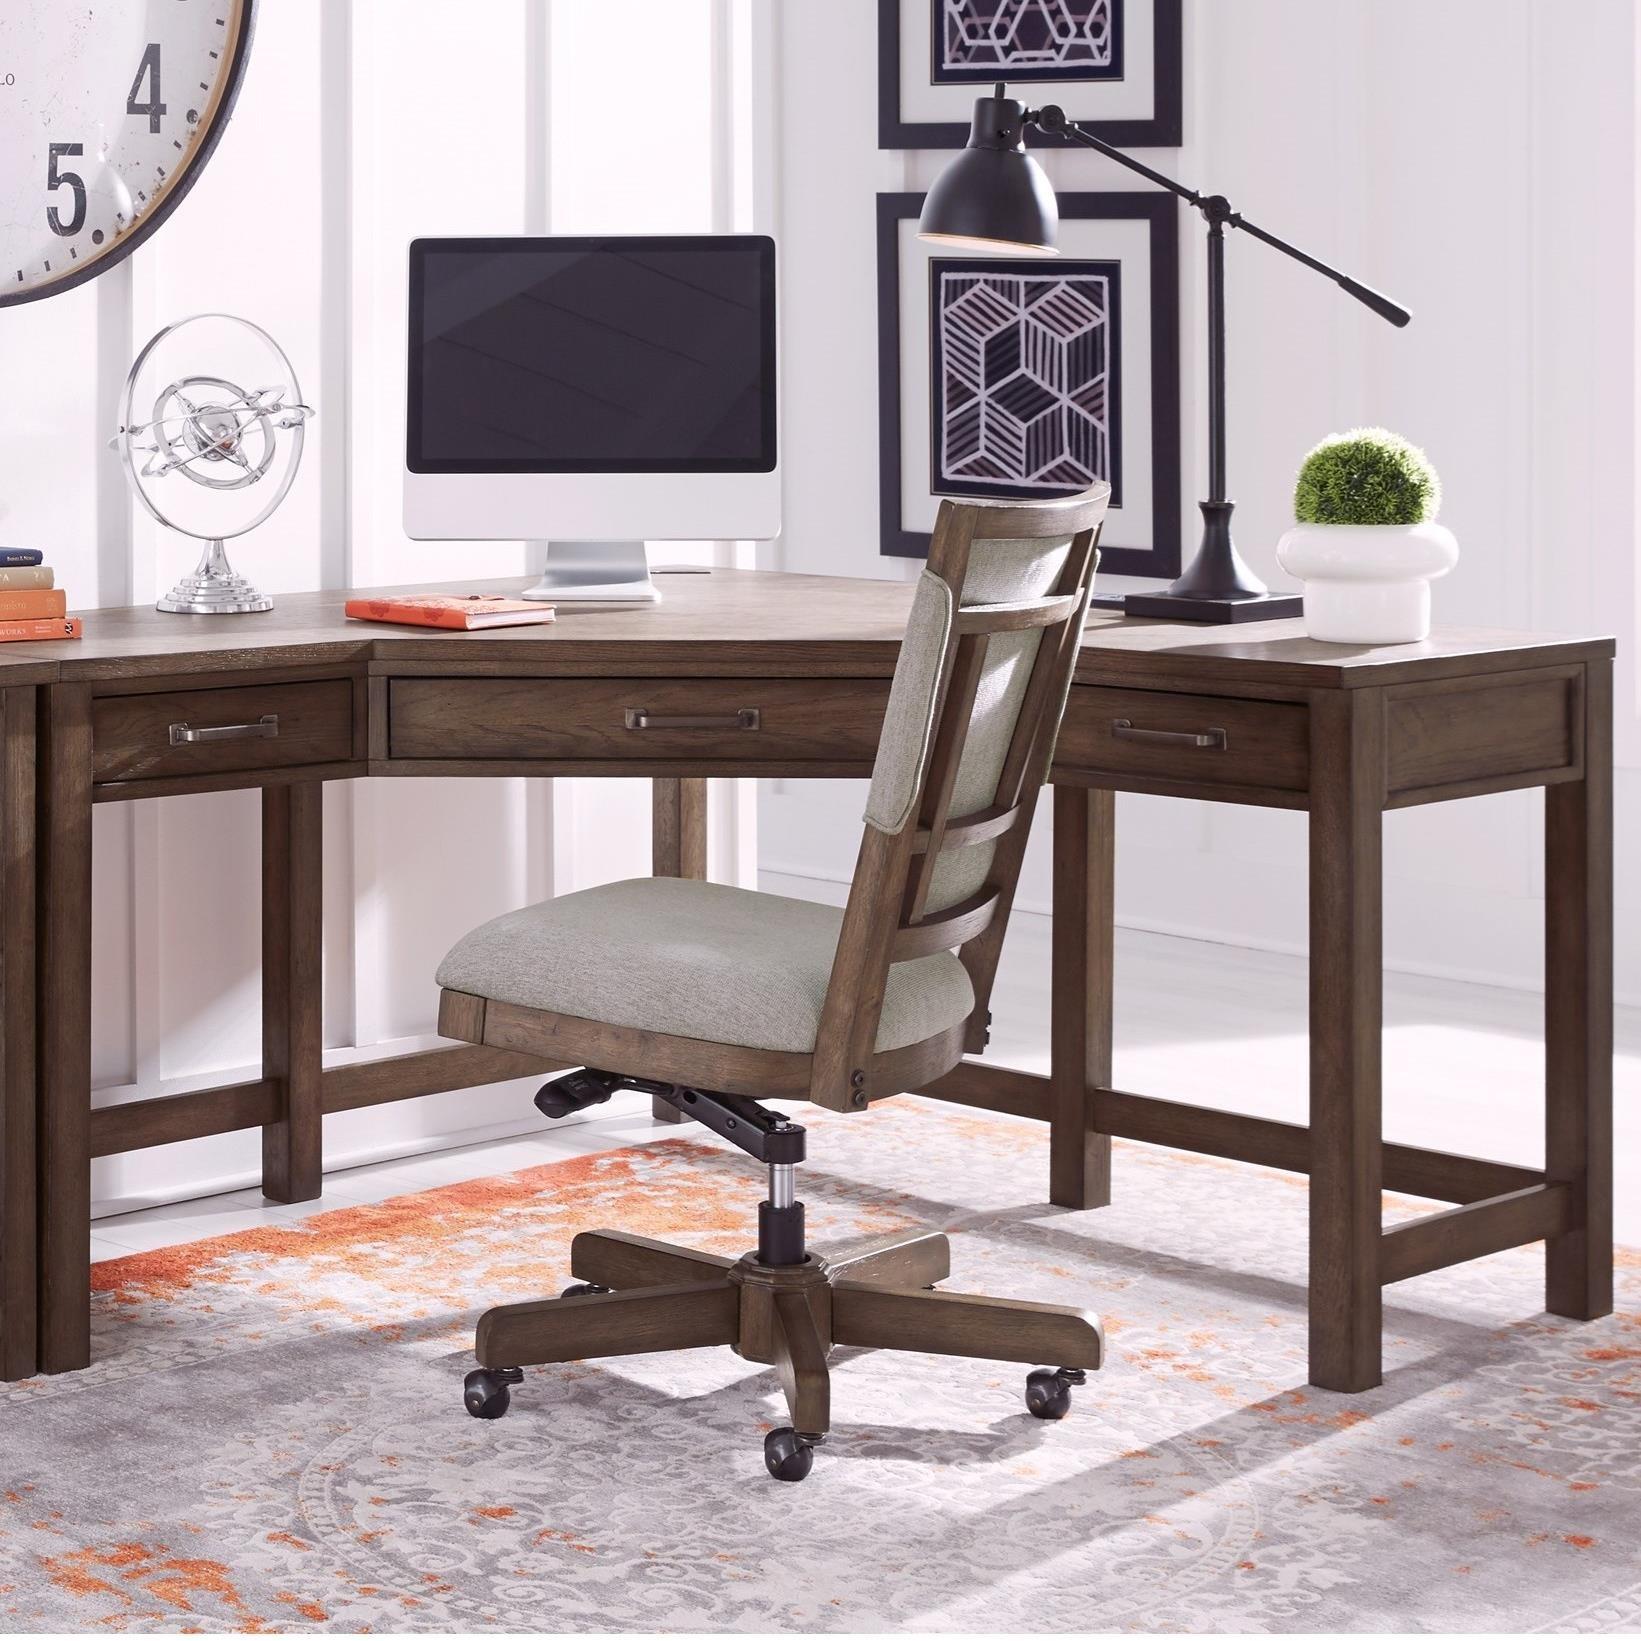 Ellison Ellison Corner Desk by Aspenhome at Morris Home